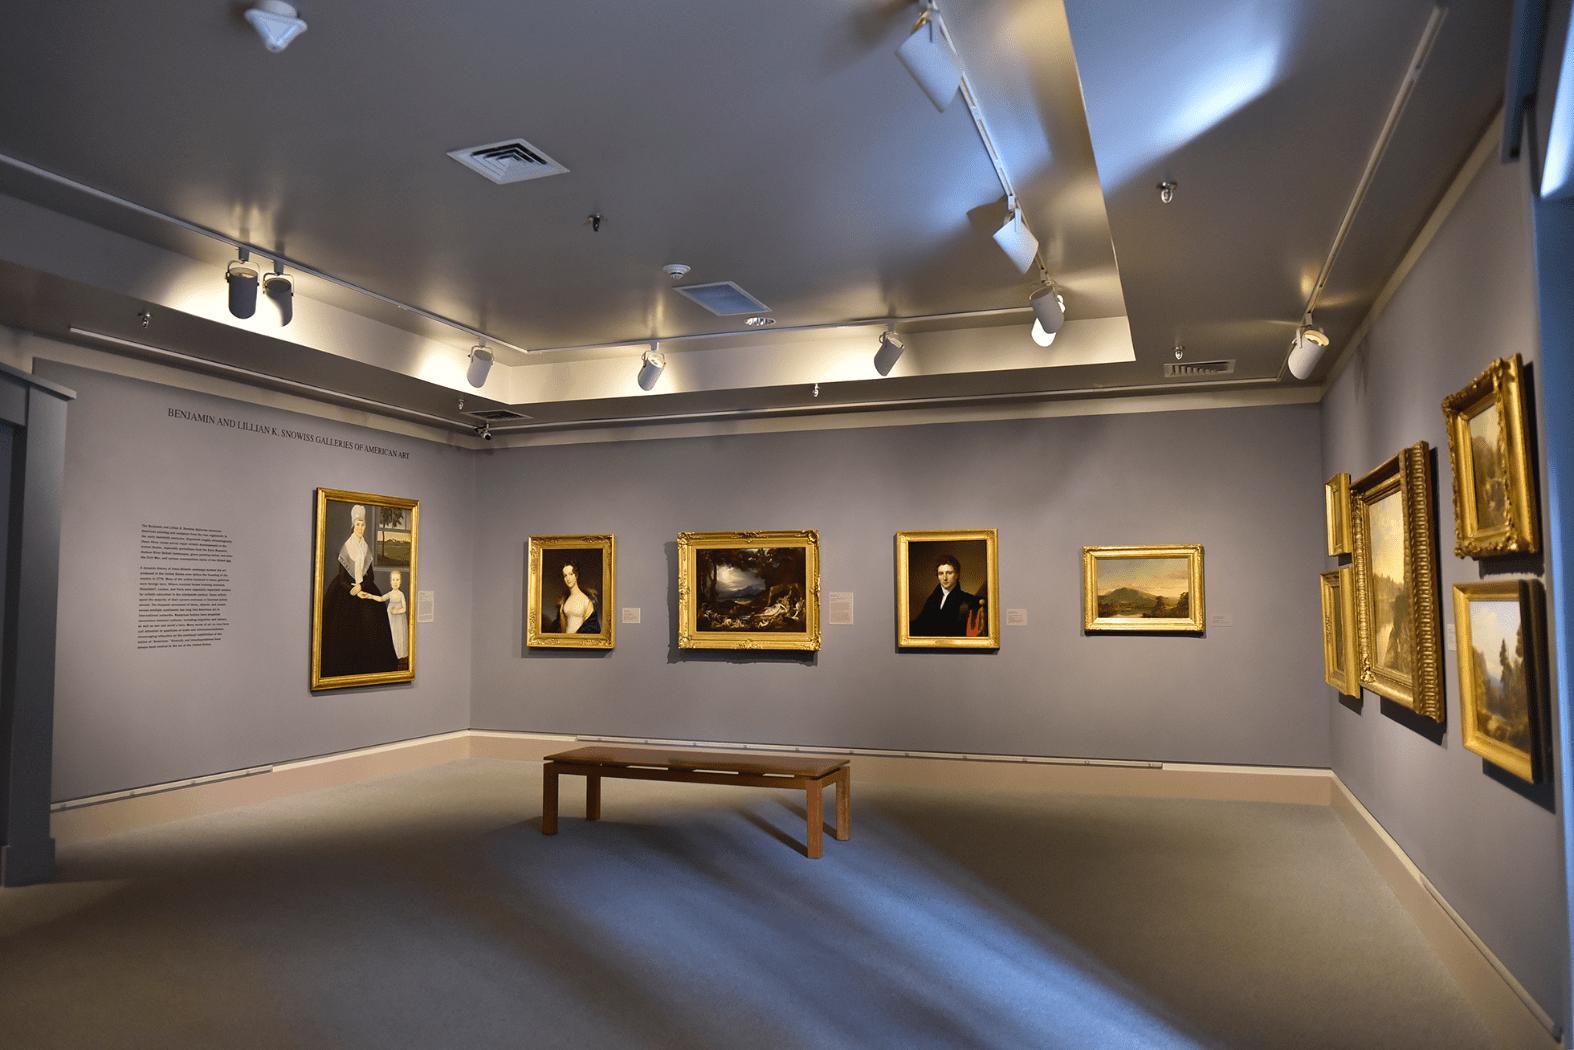 Snowiss Galleries of American Art